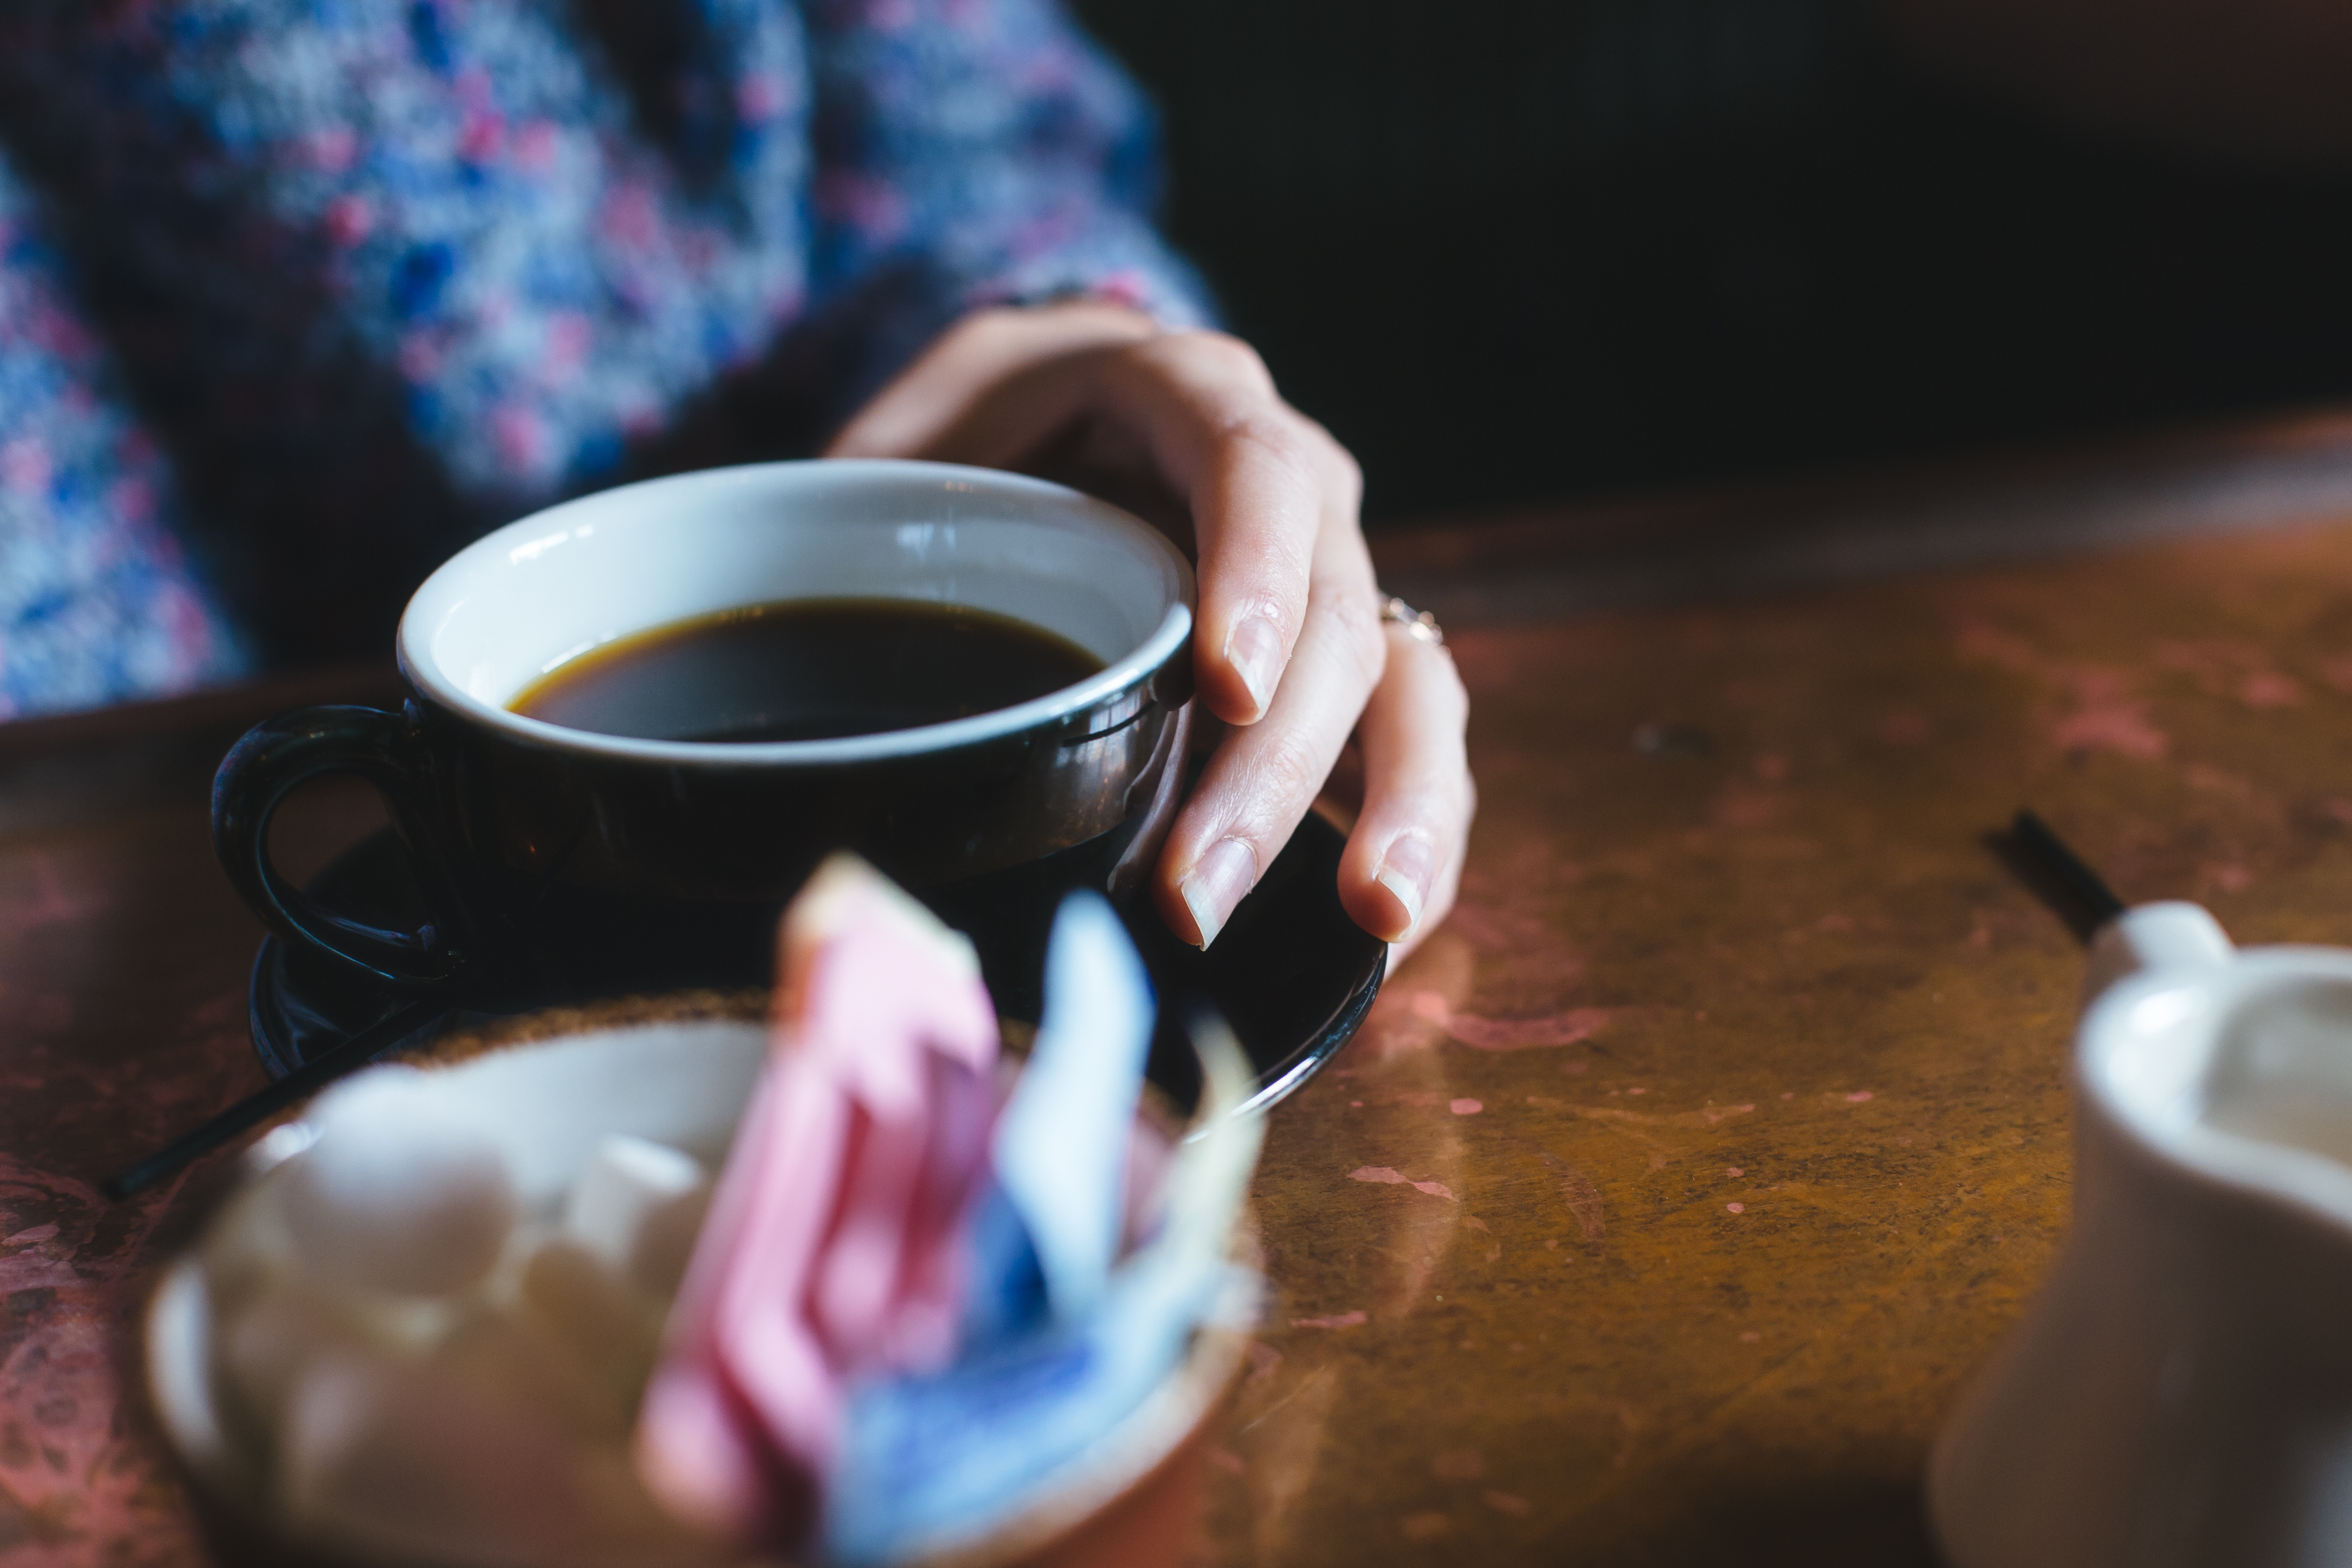 カフェでコーヒーのみながらお話